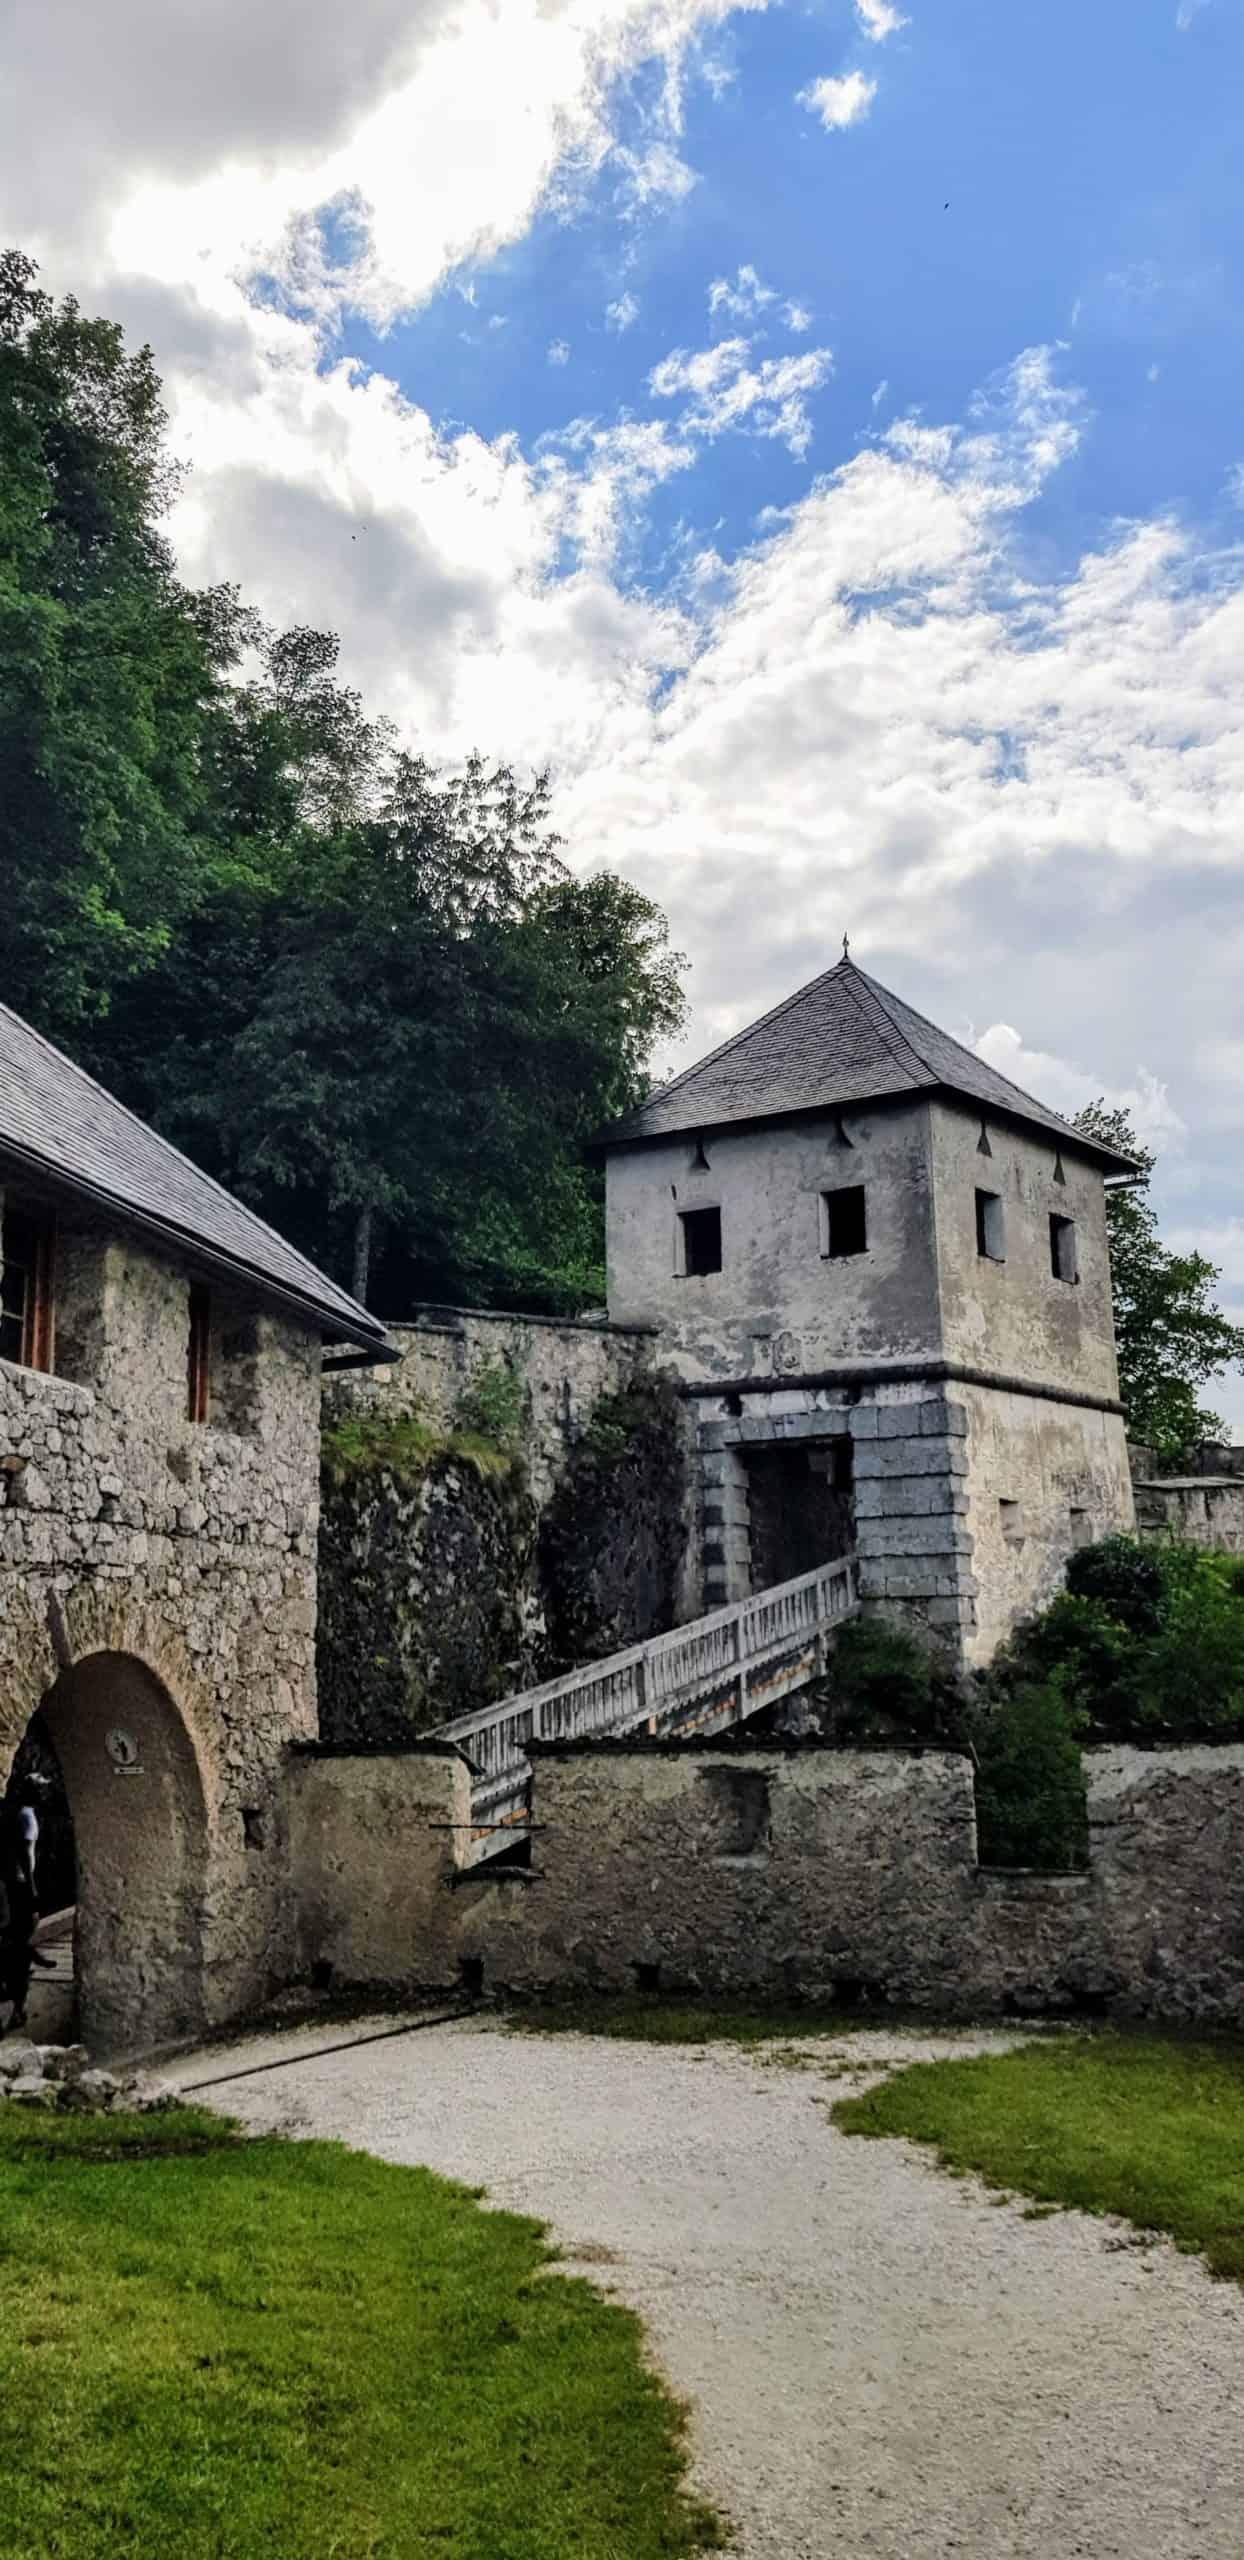 Khevenhüllertor vor Gardemuseum auf der familienfreundlichen Burg Hochosterwitz in Österreich.